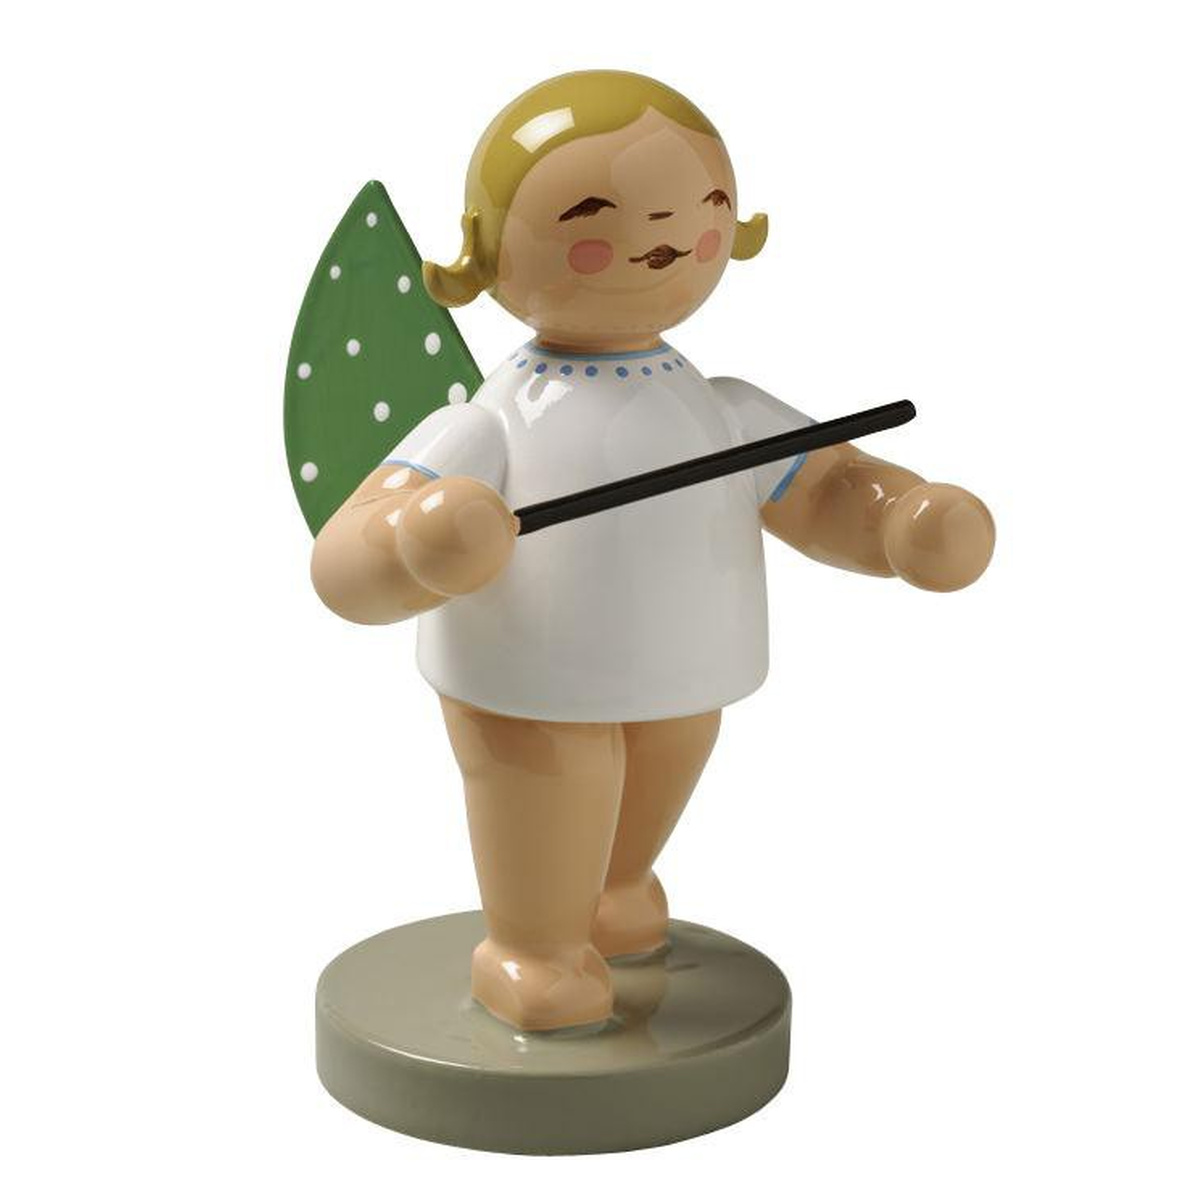 engel mit taktstock blondes haar von wendt und k hn f r 20. Black Bedroom Furniture Sets. Home Design Ideas